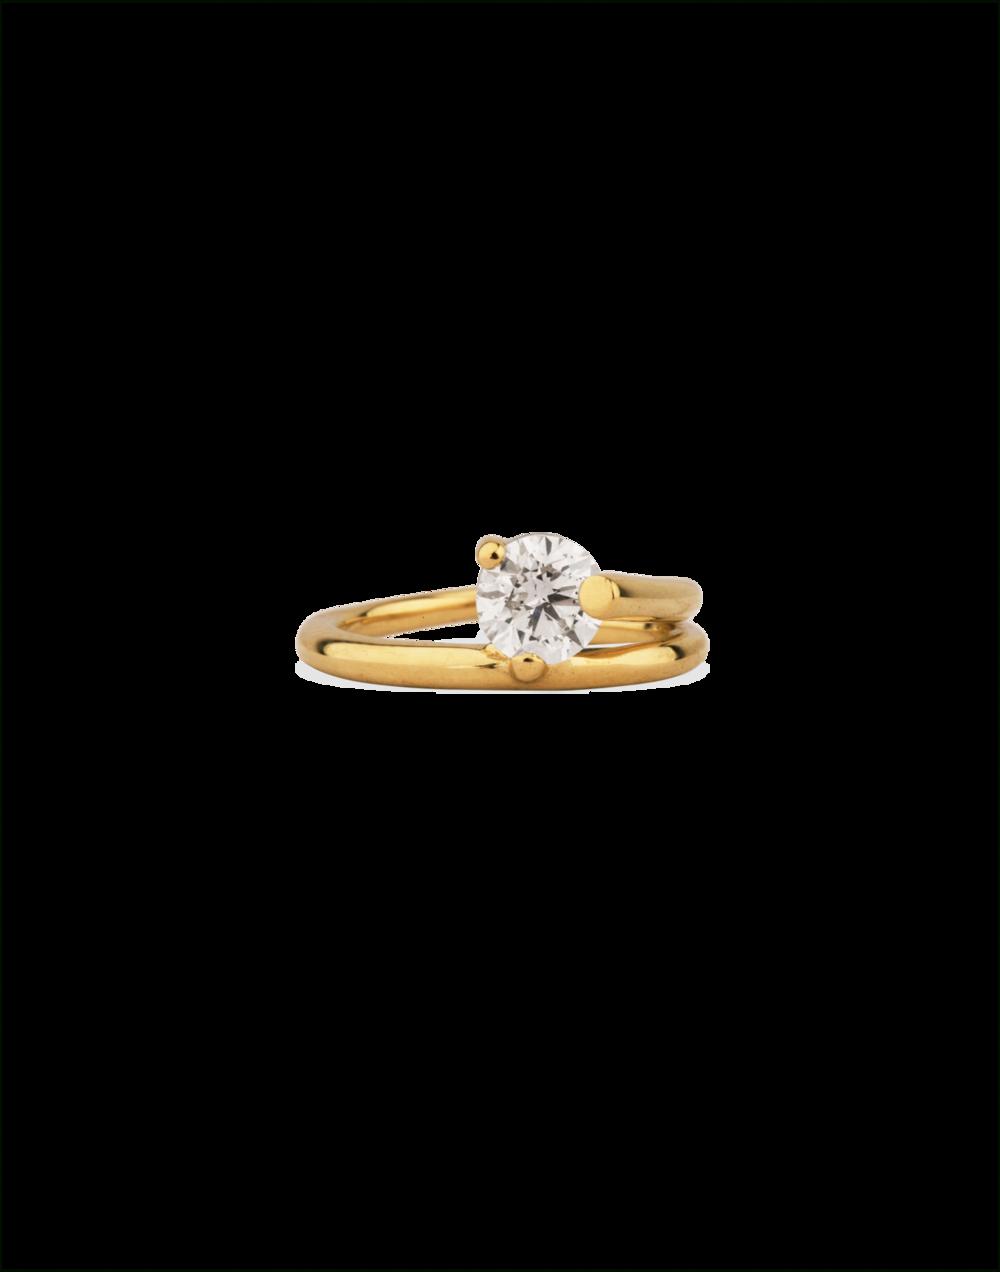 Completedworks-Subverted-Flower-Bridal-Ring-2-1.png